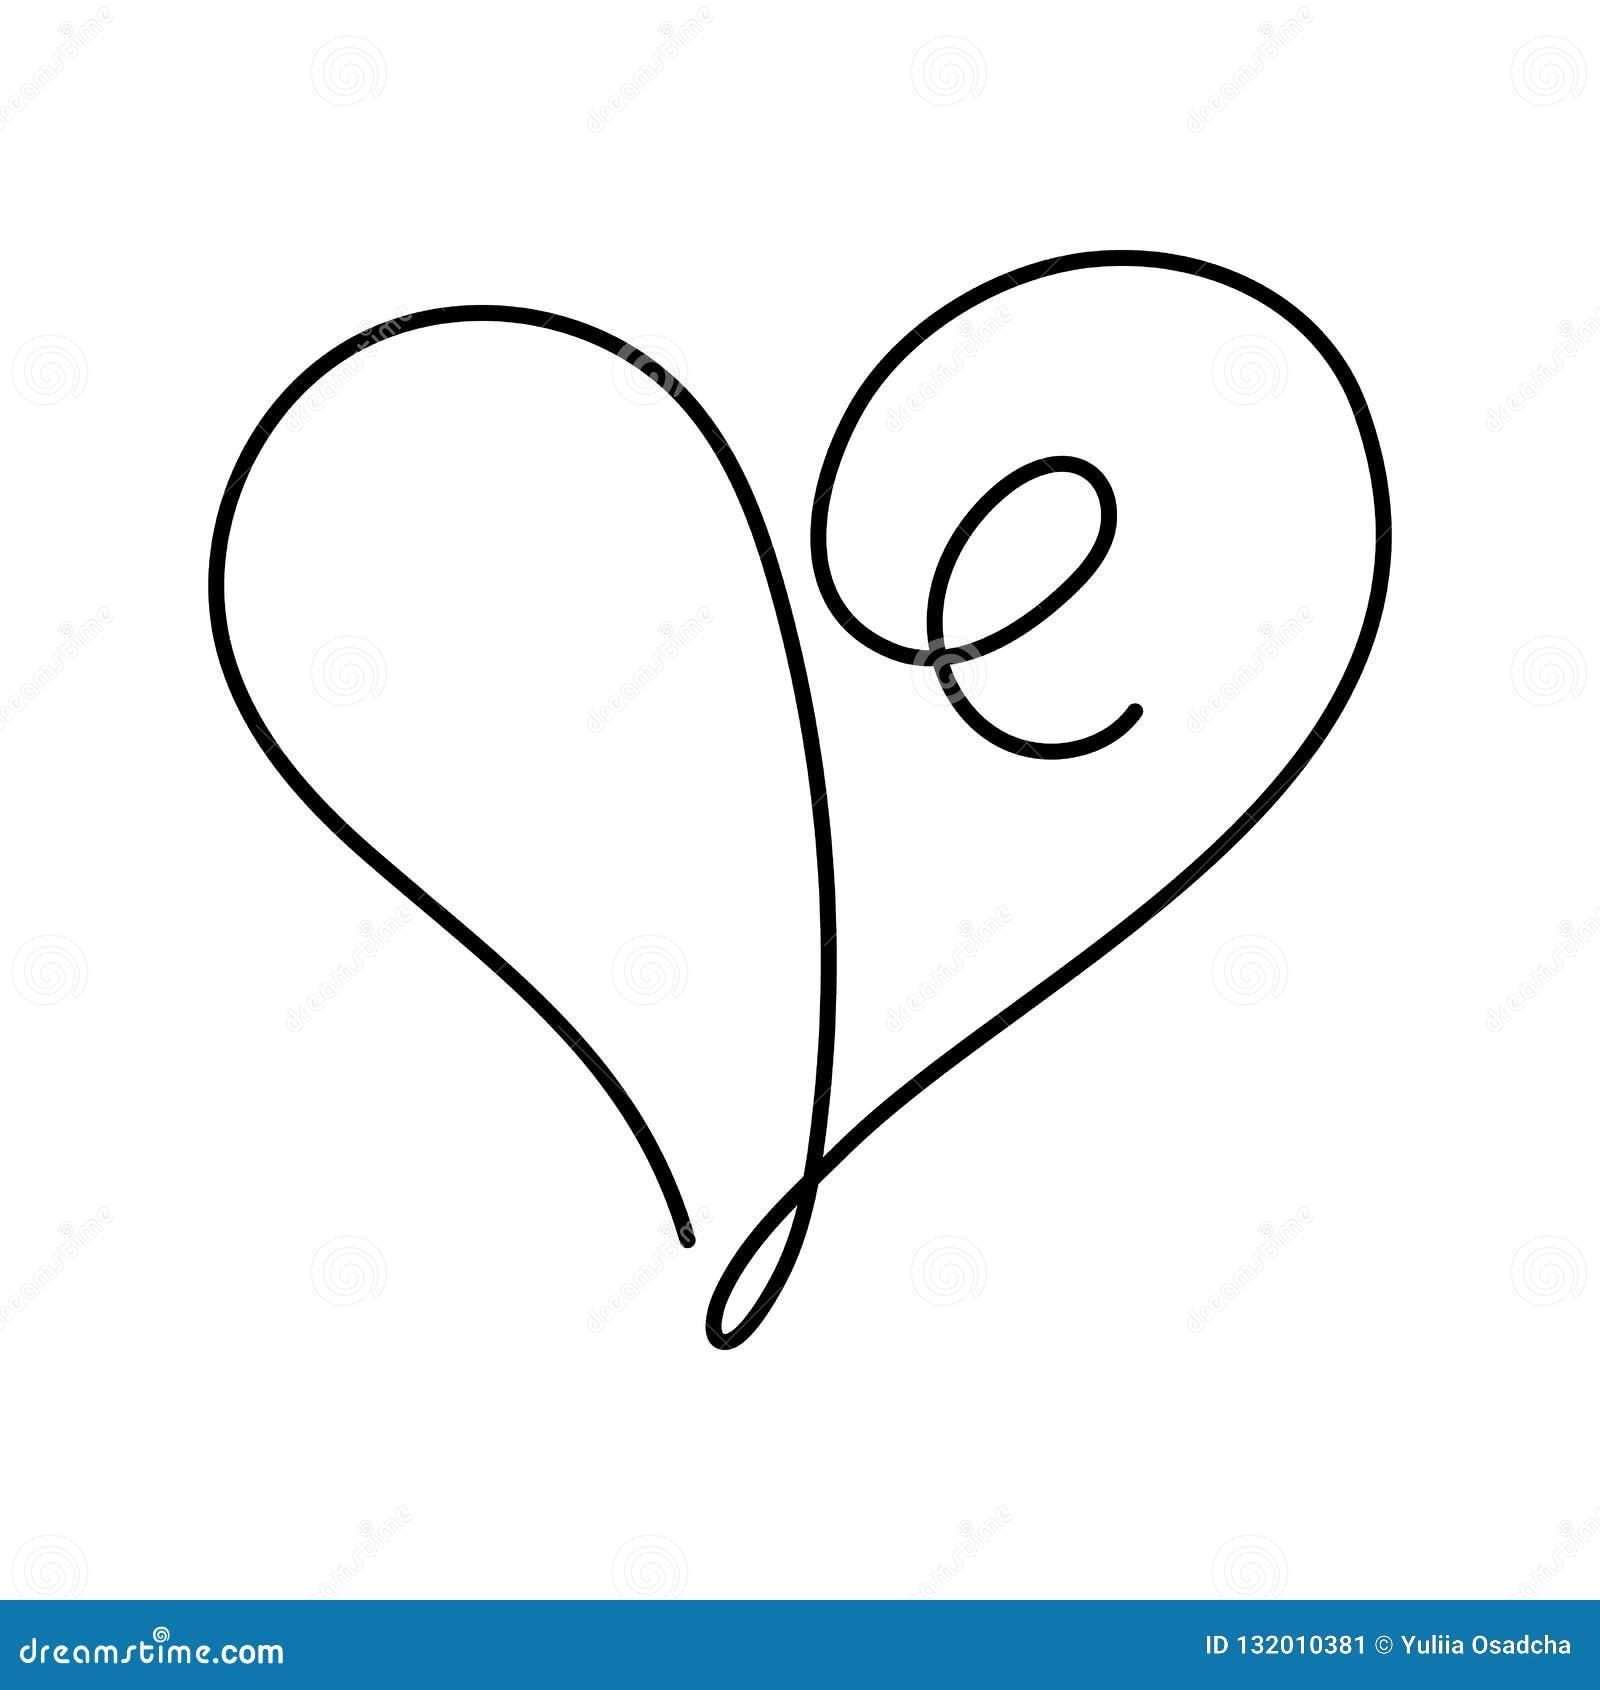 Dessin au trait continu coeur avec la course editable dans l illustration de vecteur